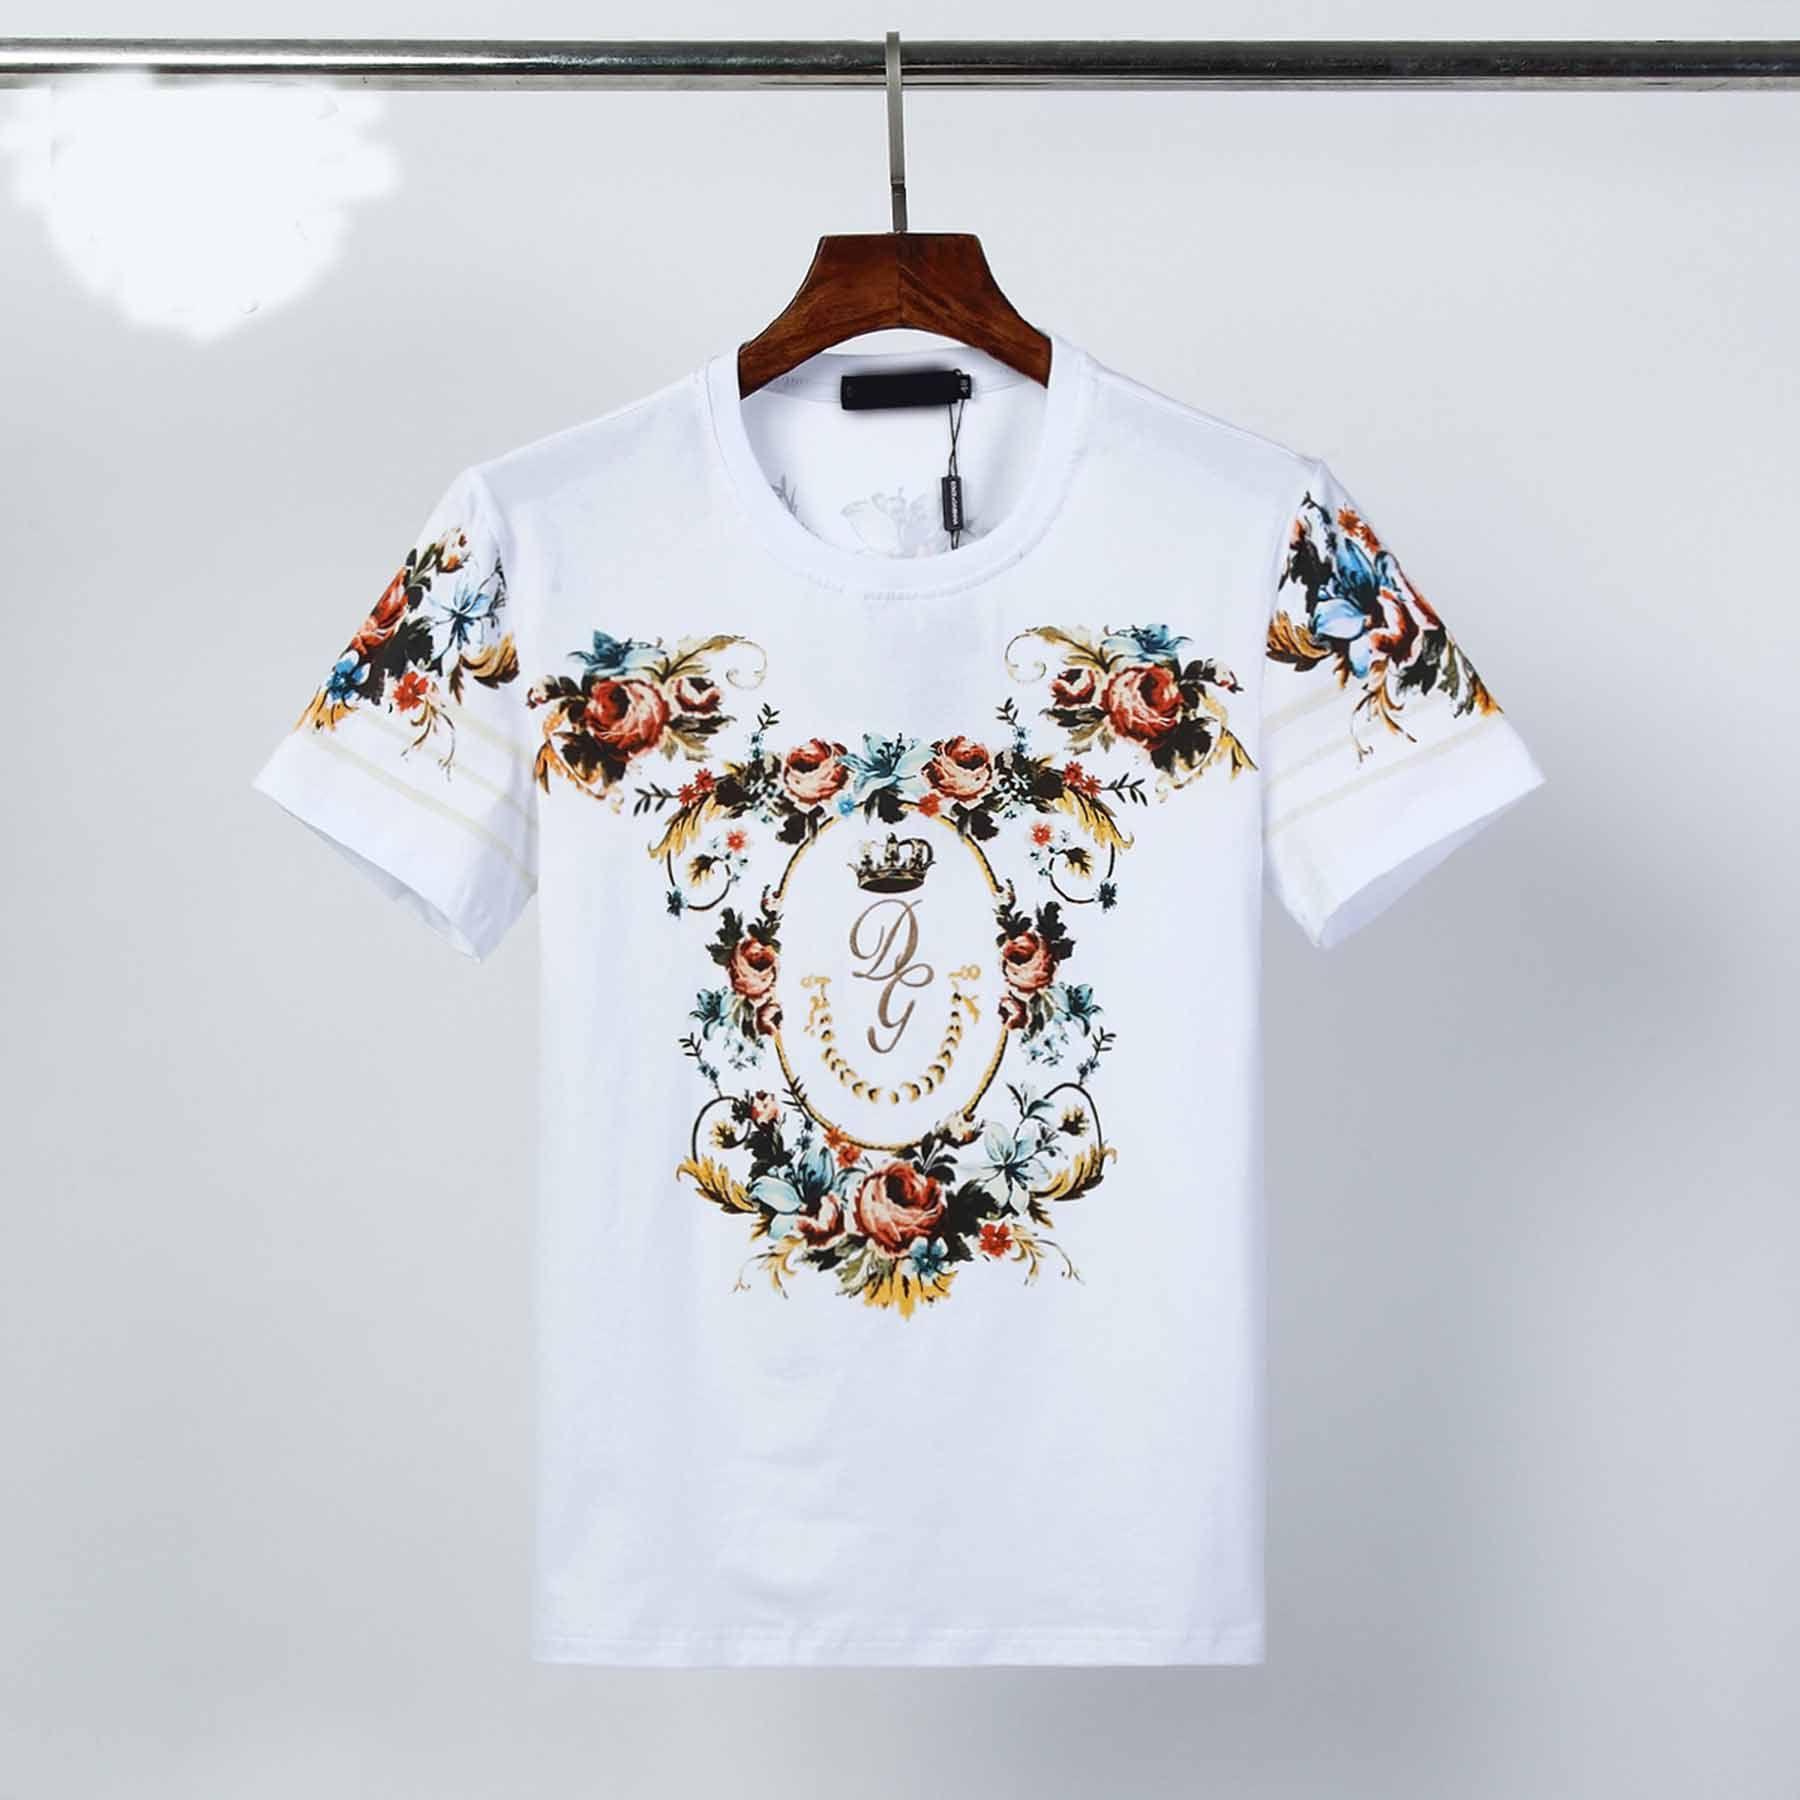 2020 camiseta de explosión de los nuevos hombres de moda de los hombres de manga corta de la medusa de alta calidad del algodón de la camiseta 2 del color tamaño M-3XL